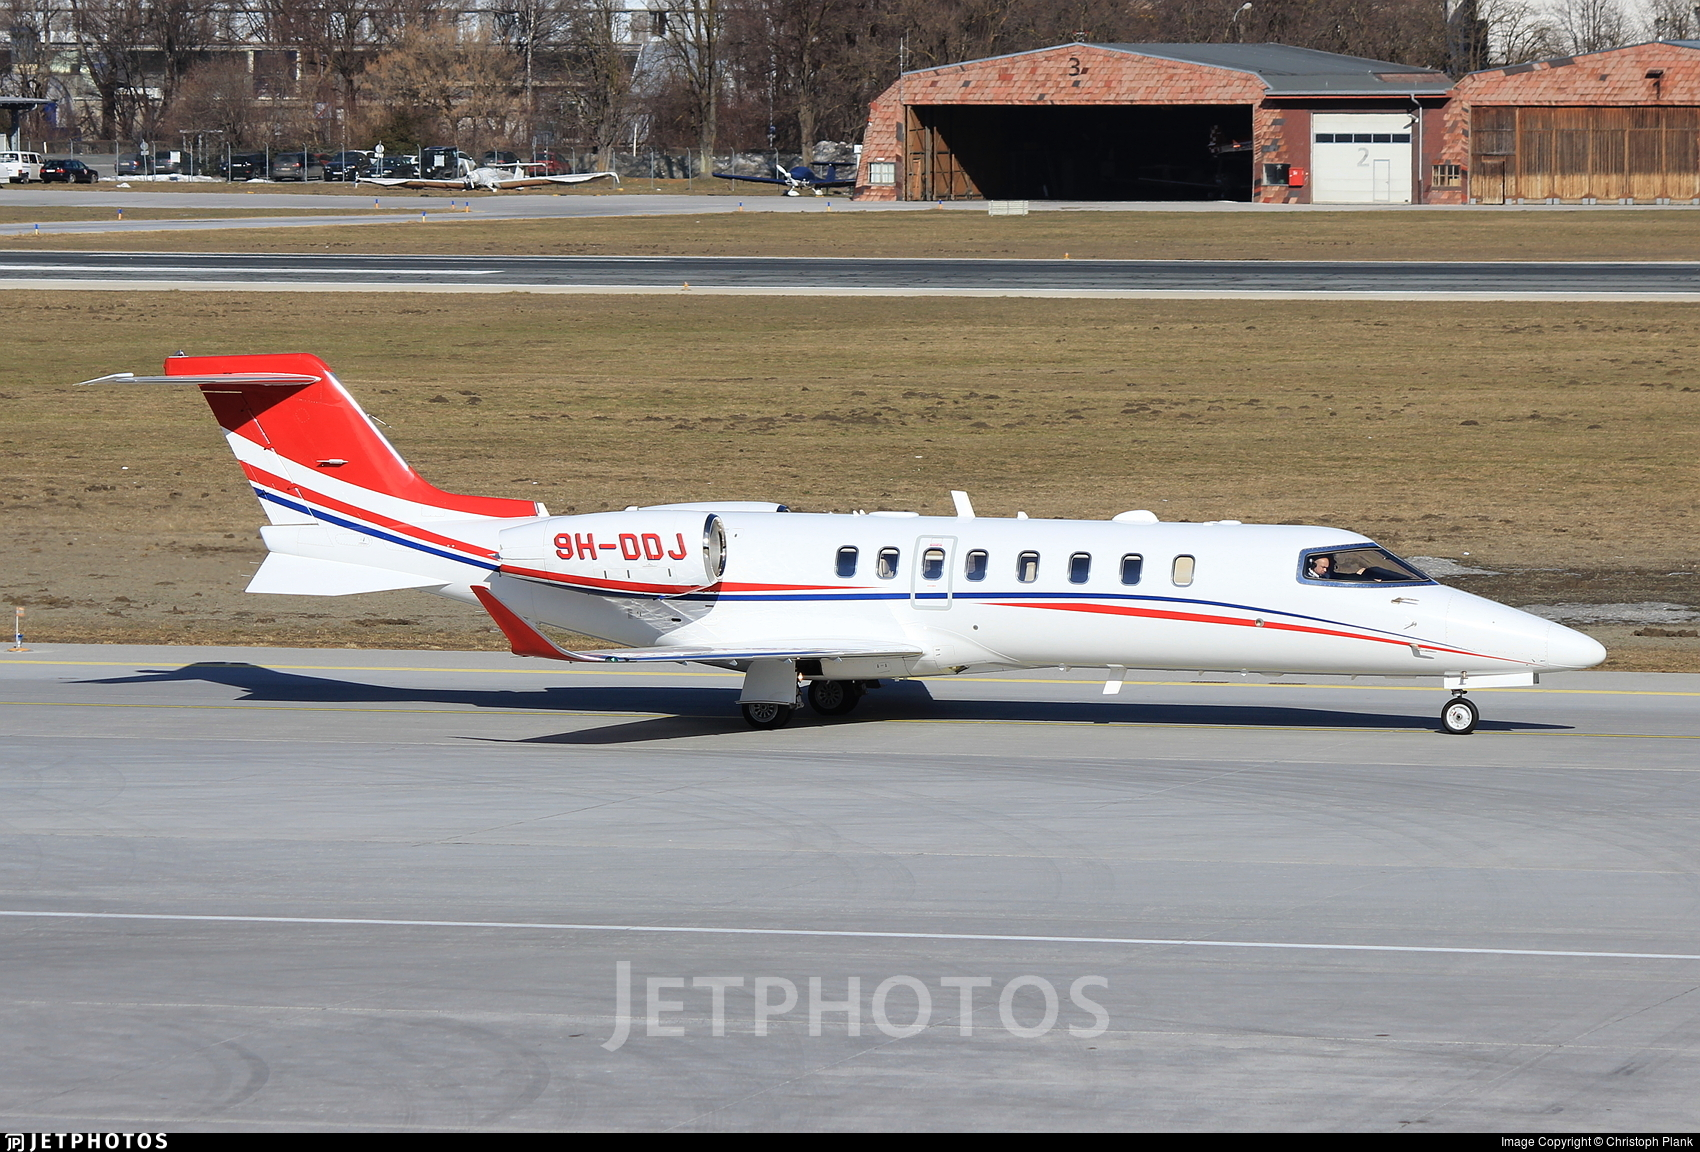 9H-DDJ - Bombardier Learjet 75 - Private